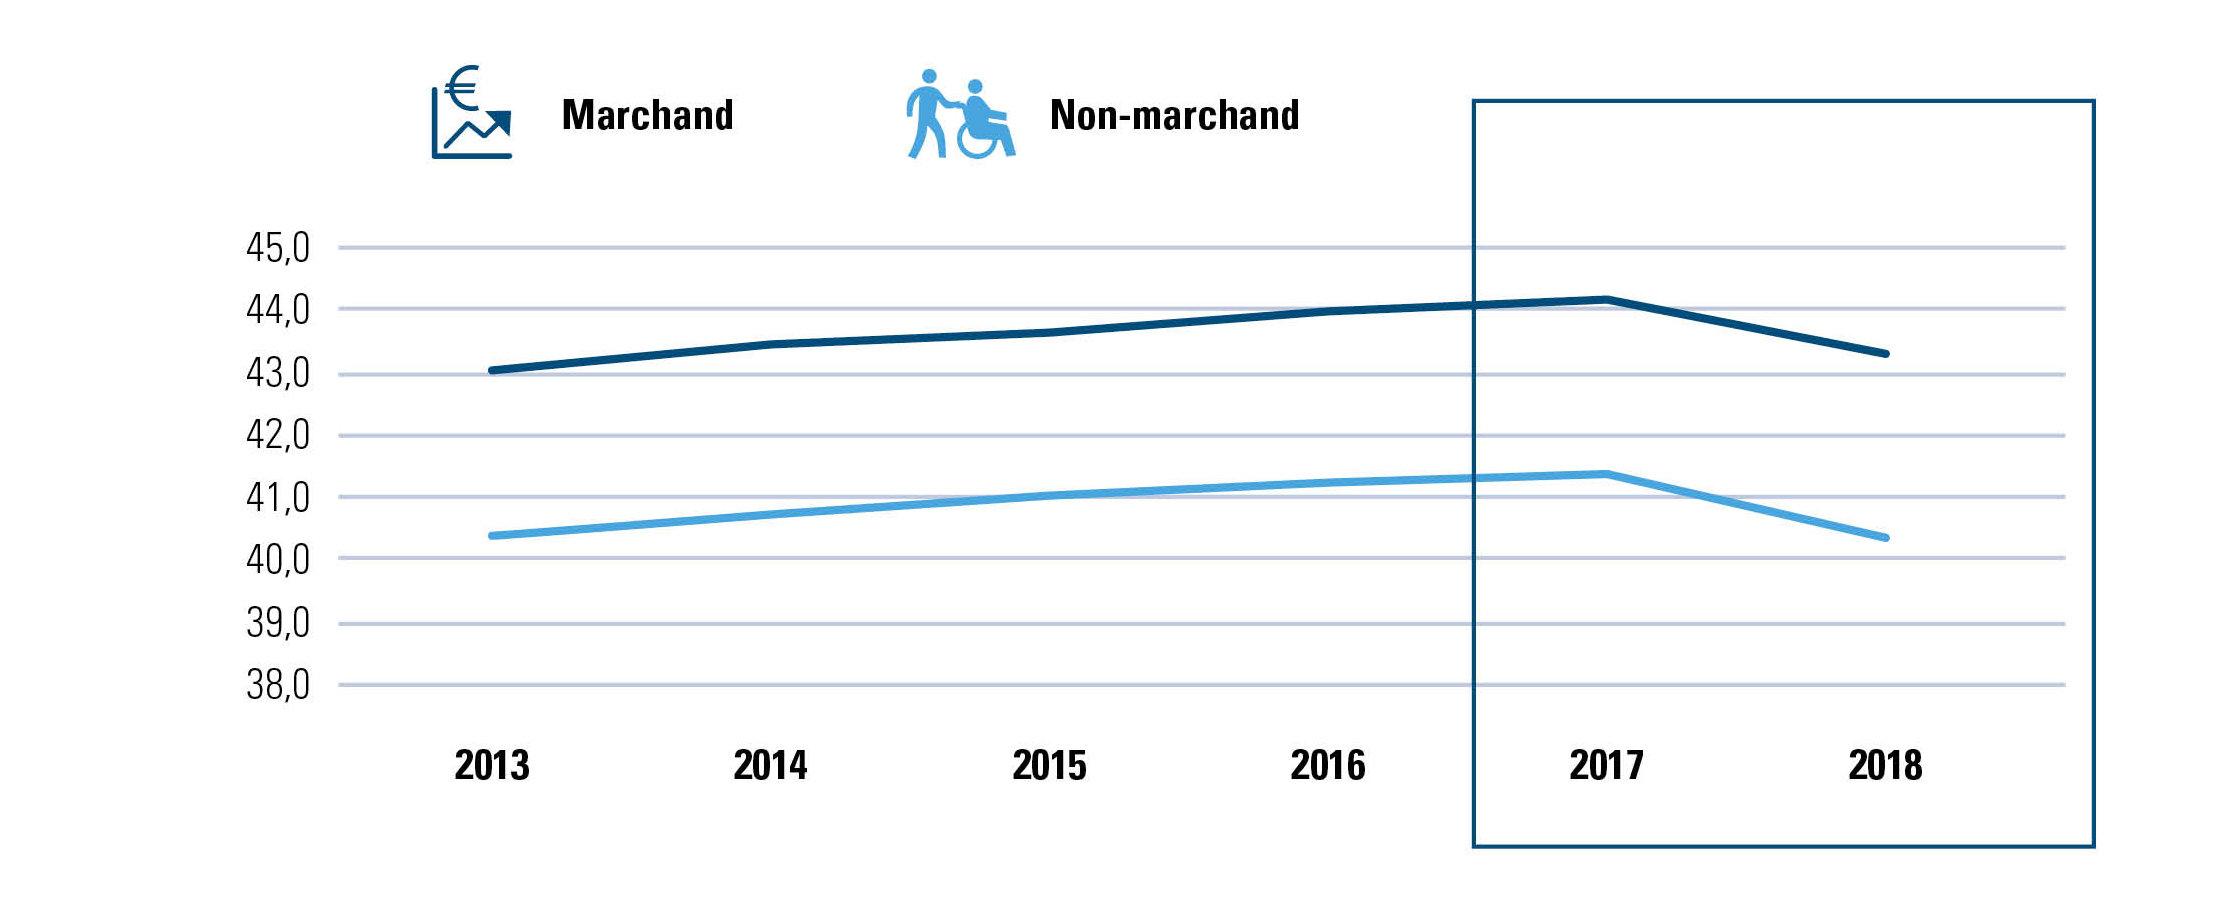 Âge moyen des travailleurs belges dans le marchand/non-marchand